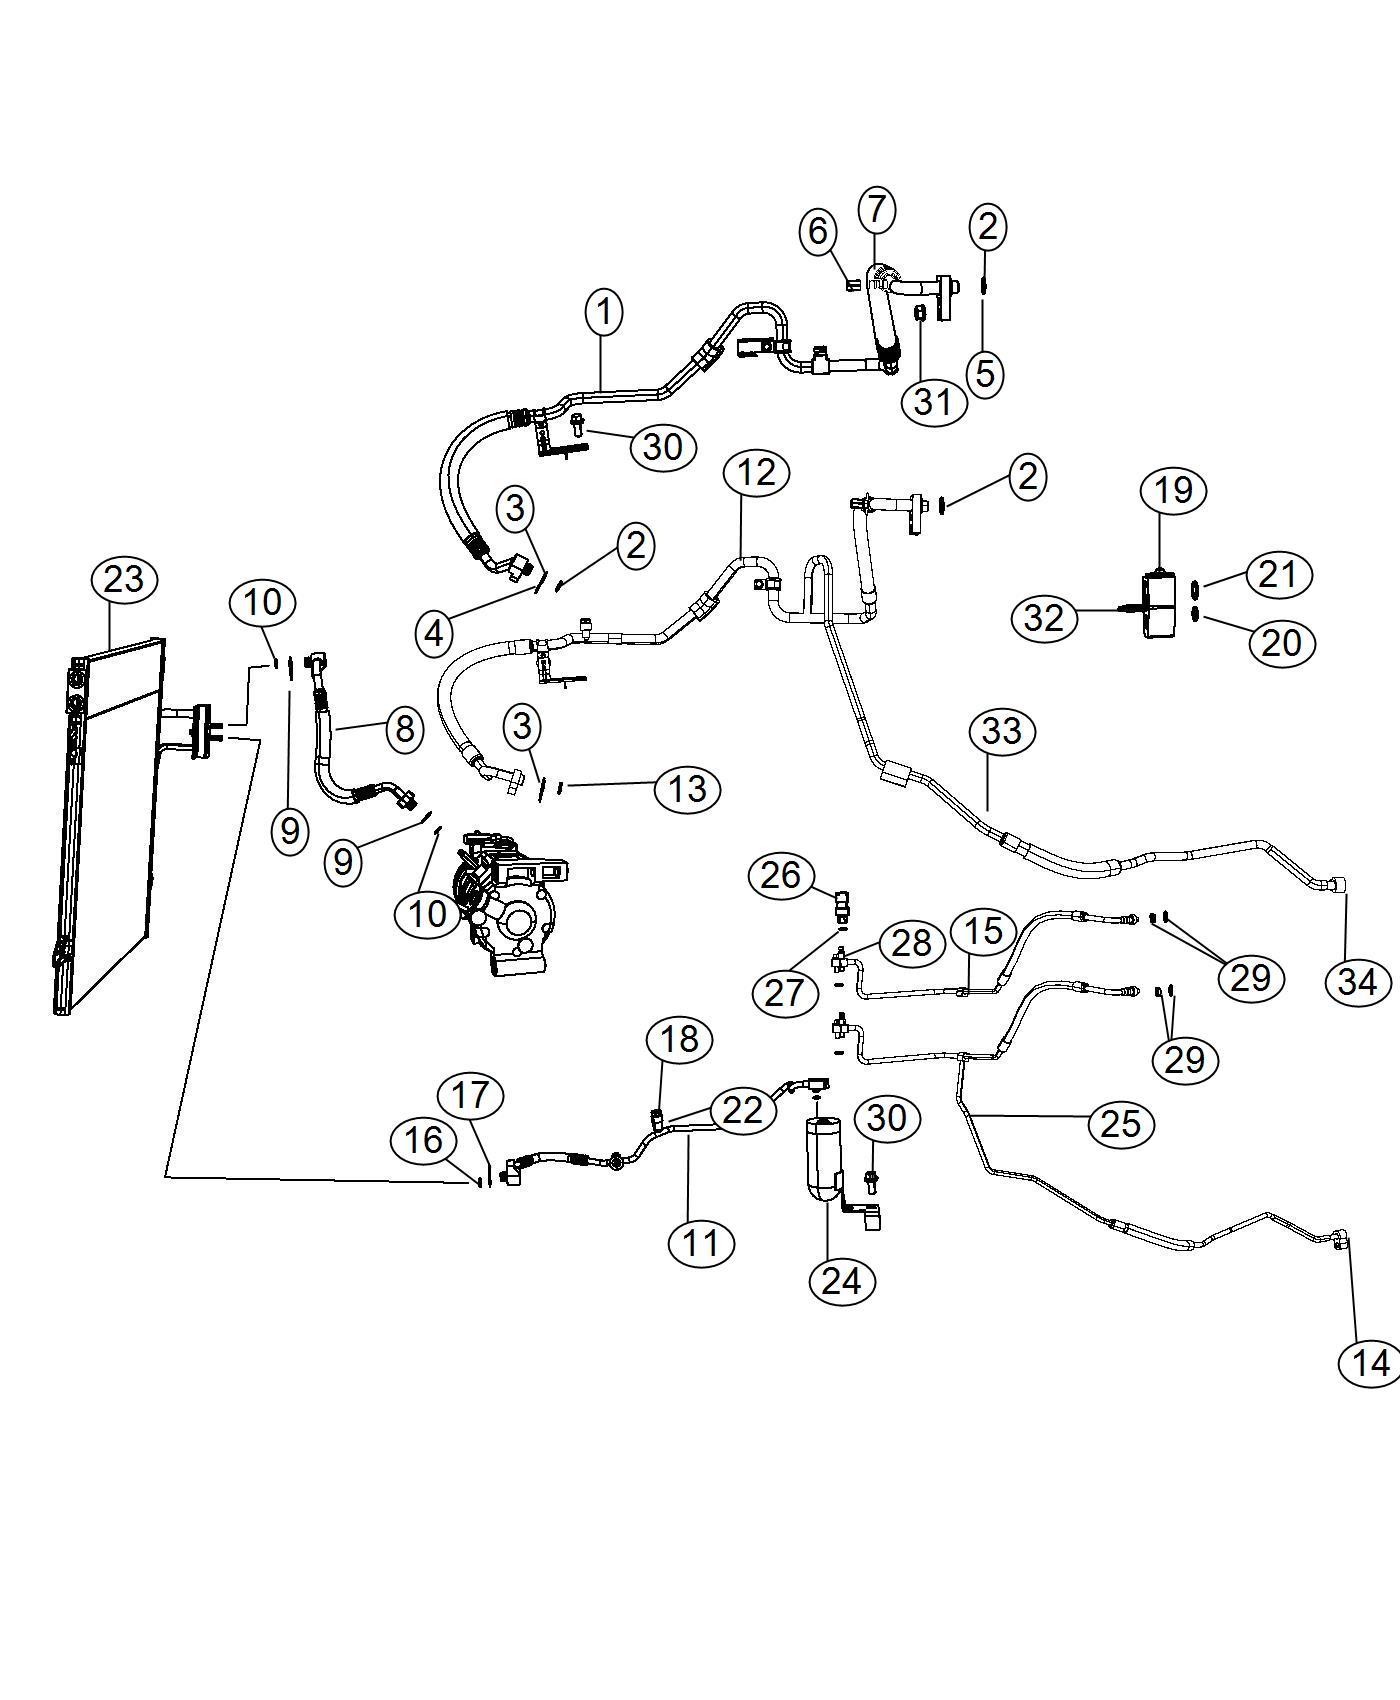 Diagram Wiring Diagram Dodge Grand Caravan Full